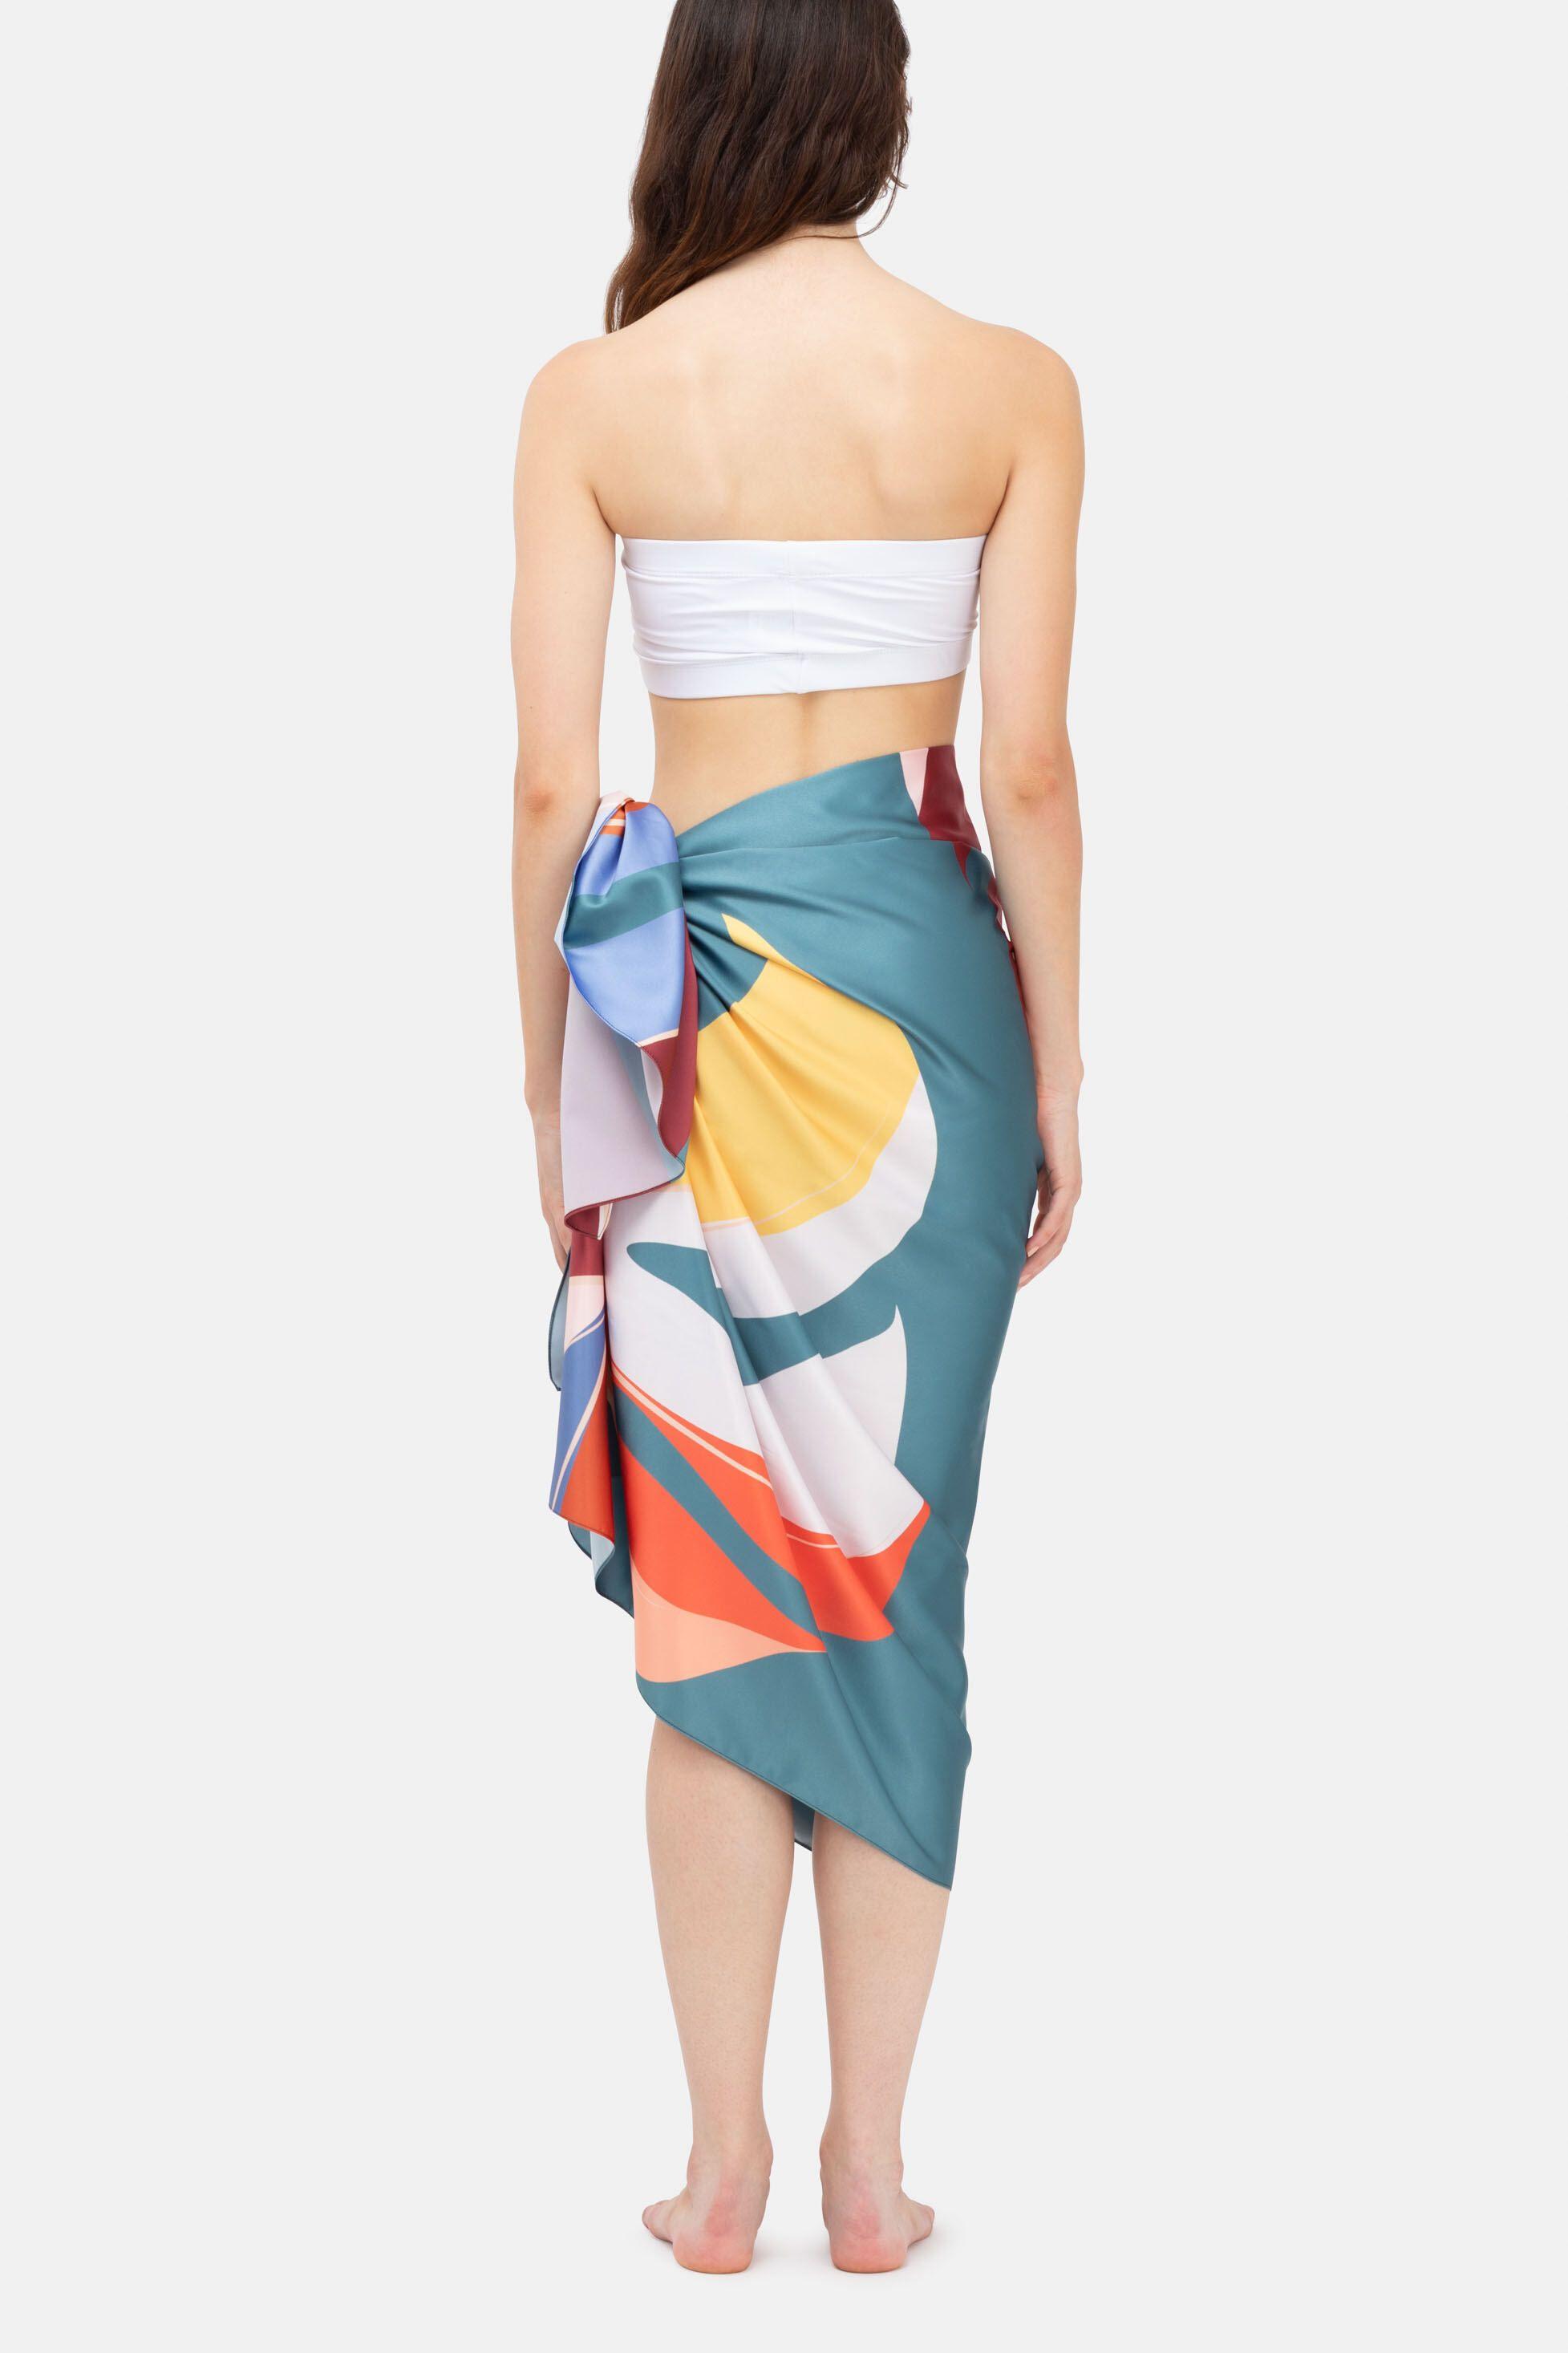 personalised womens beach sarong skirt